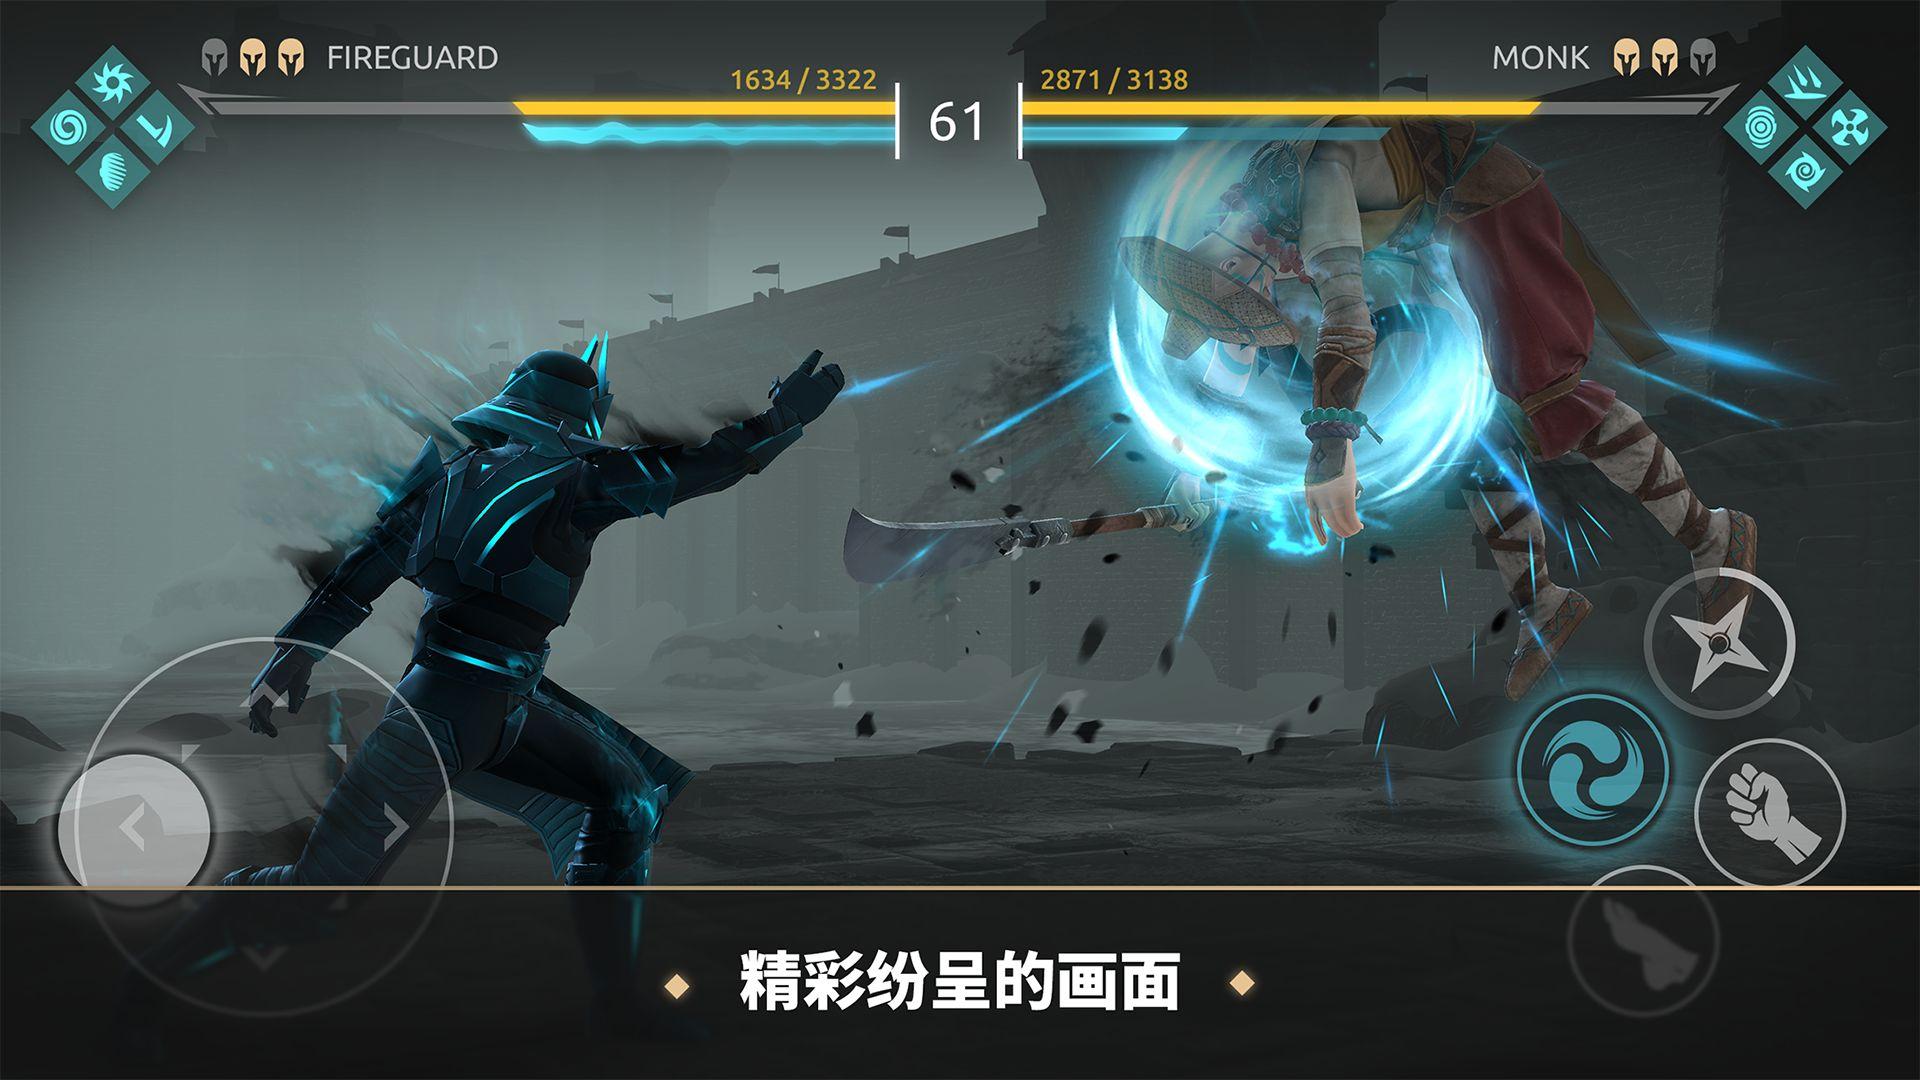 暗影格斗:竞技场 游戏截图3